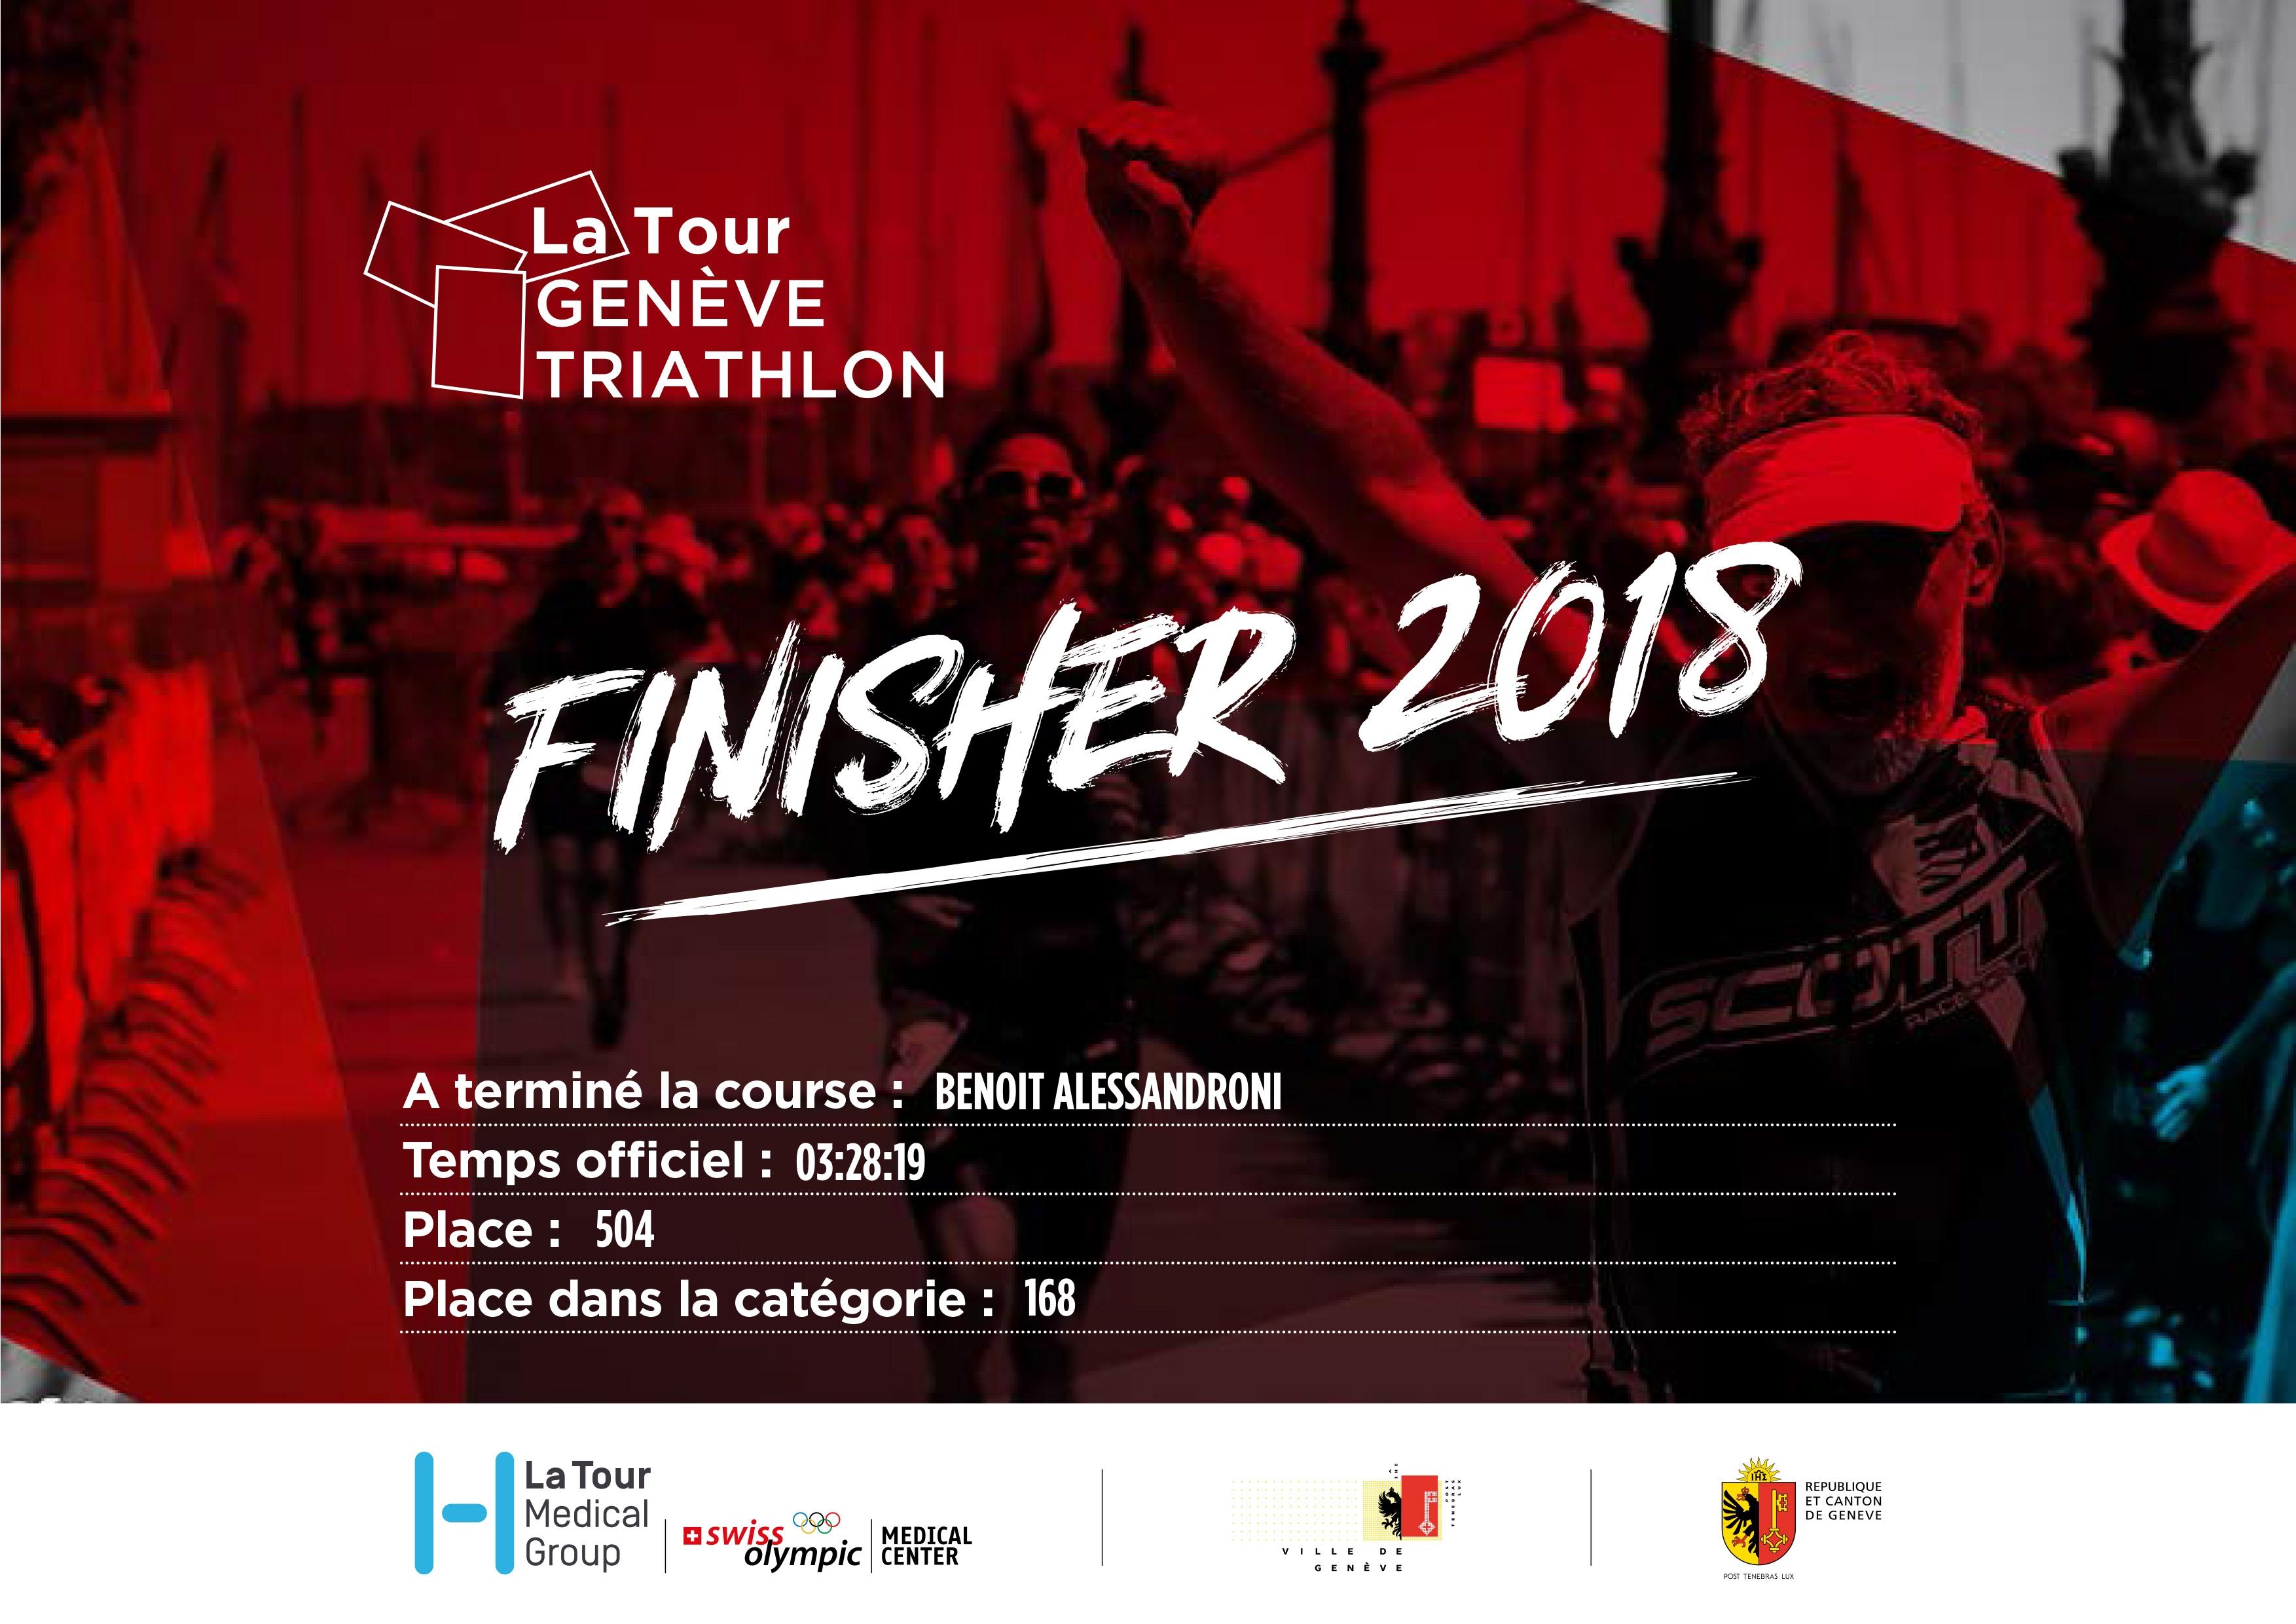 1er chapitre : Le triathlon de Genève